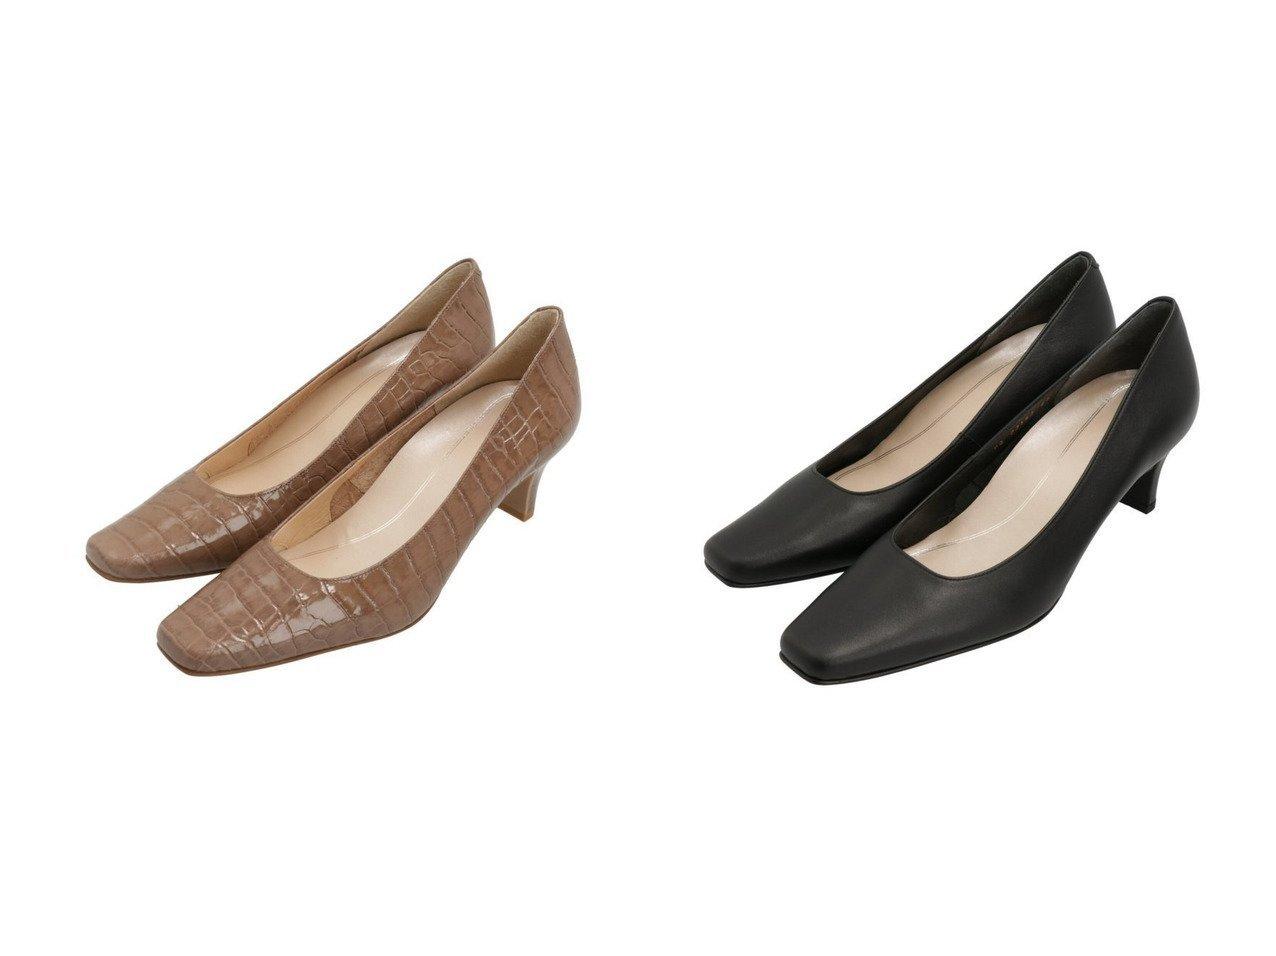 【Riz raffinee/リズ ラフィーネ】の【3E】スクエアカットプレーンパンプス 【シューズ・靴】おすすめ!人気、トレンド・レディースファッションの通販  おすすめで人気の流行・トレンド、ファッションの通販商品 メンズファッション・キッズファッション・インテリア・家具・レディースファッション・服の通販 founy(ファニー) https://founy.com/ ファッション Fashion レディースファッション WOMEN おすすめ Recommend エレガント シューズ スクエア 人気 定番 Standard |ID:crp329100000032107